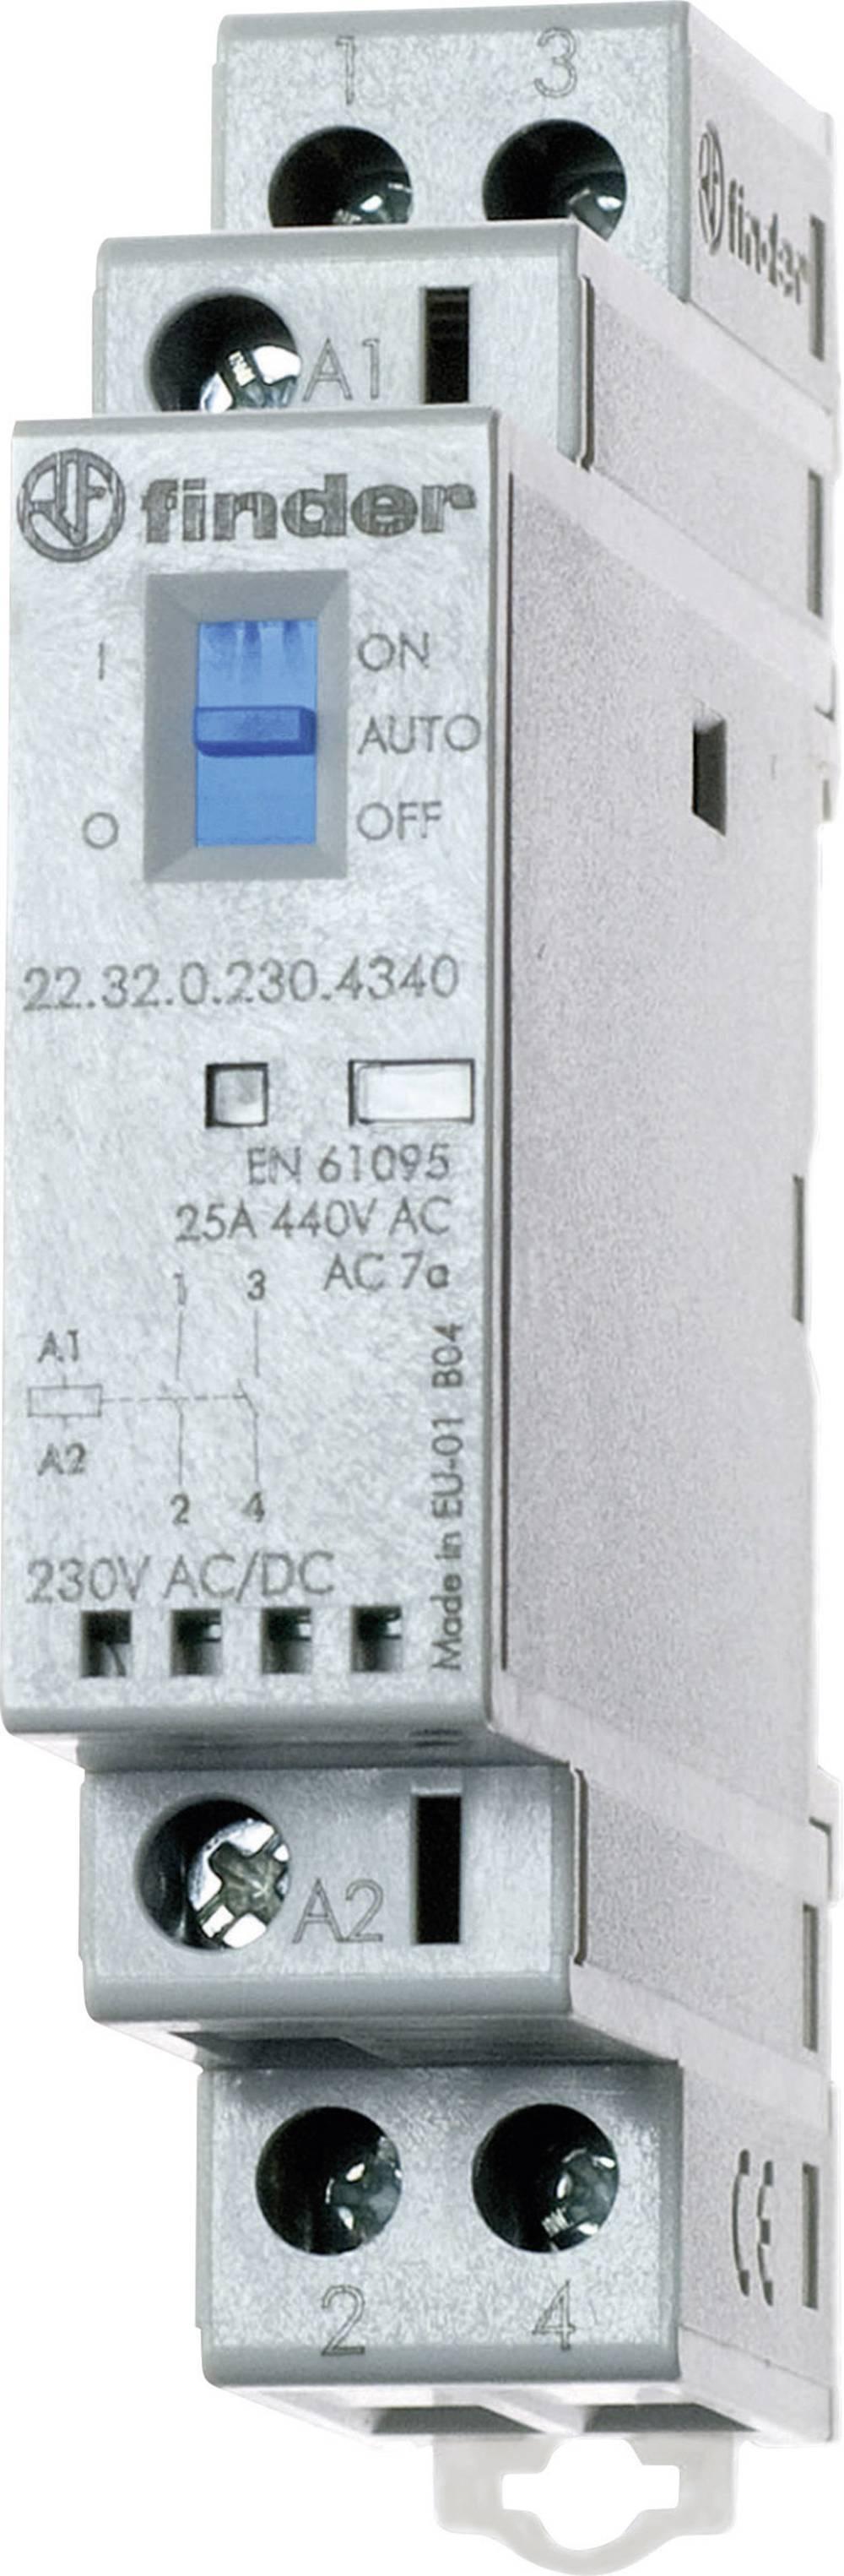 Instalac. kontaktor serije 22Finder 22.32.0.230.4540 1x radni kontakt/1x mirovni kontakt